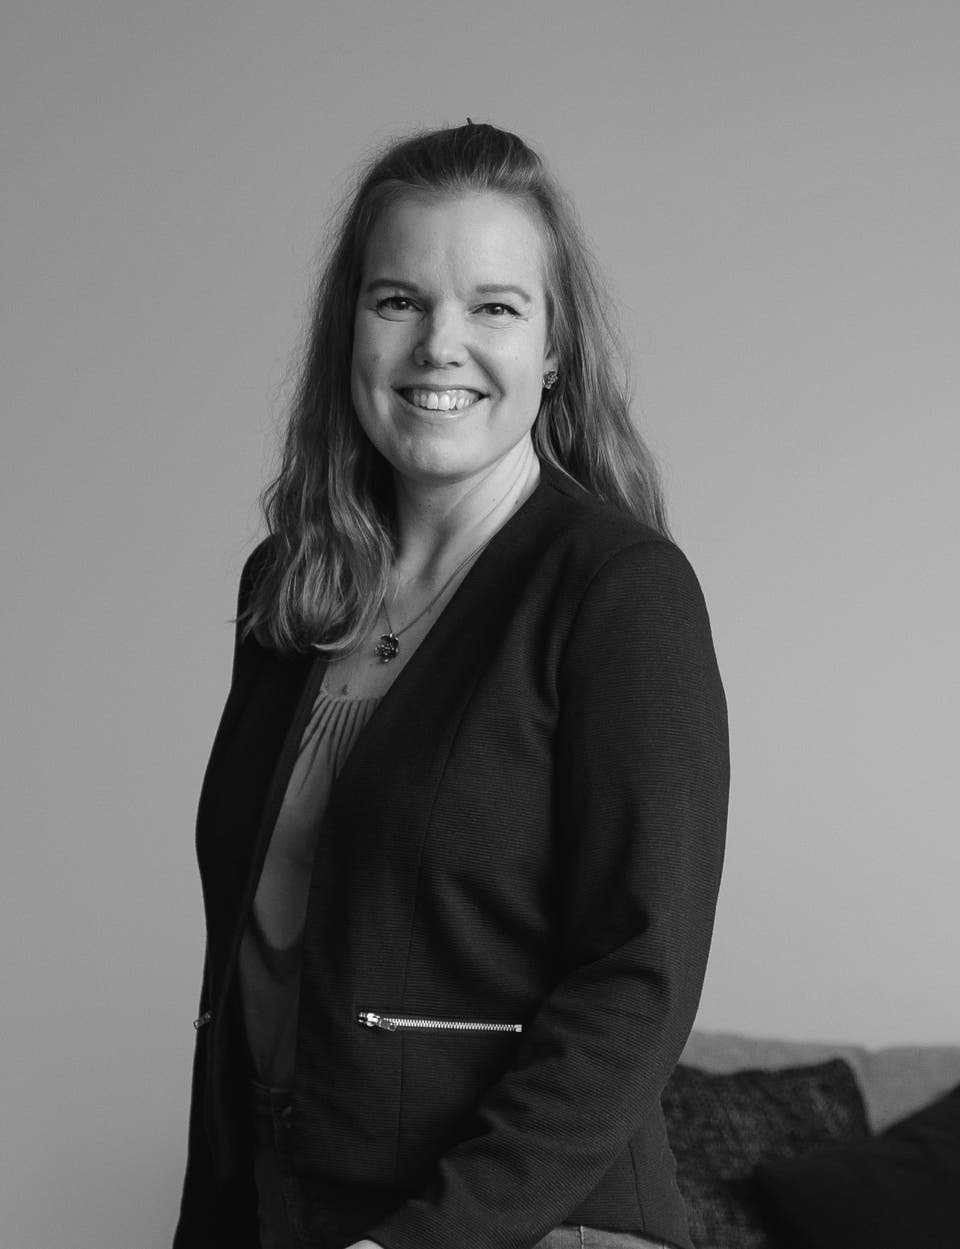 Marika Tuomikoski